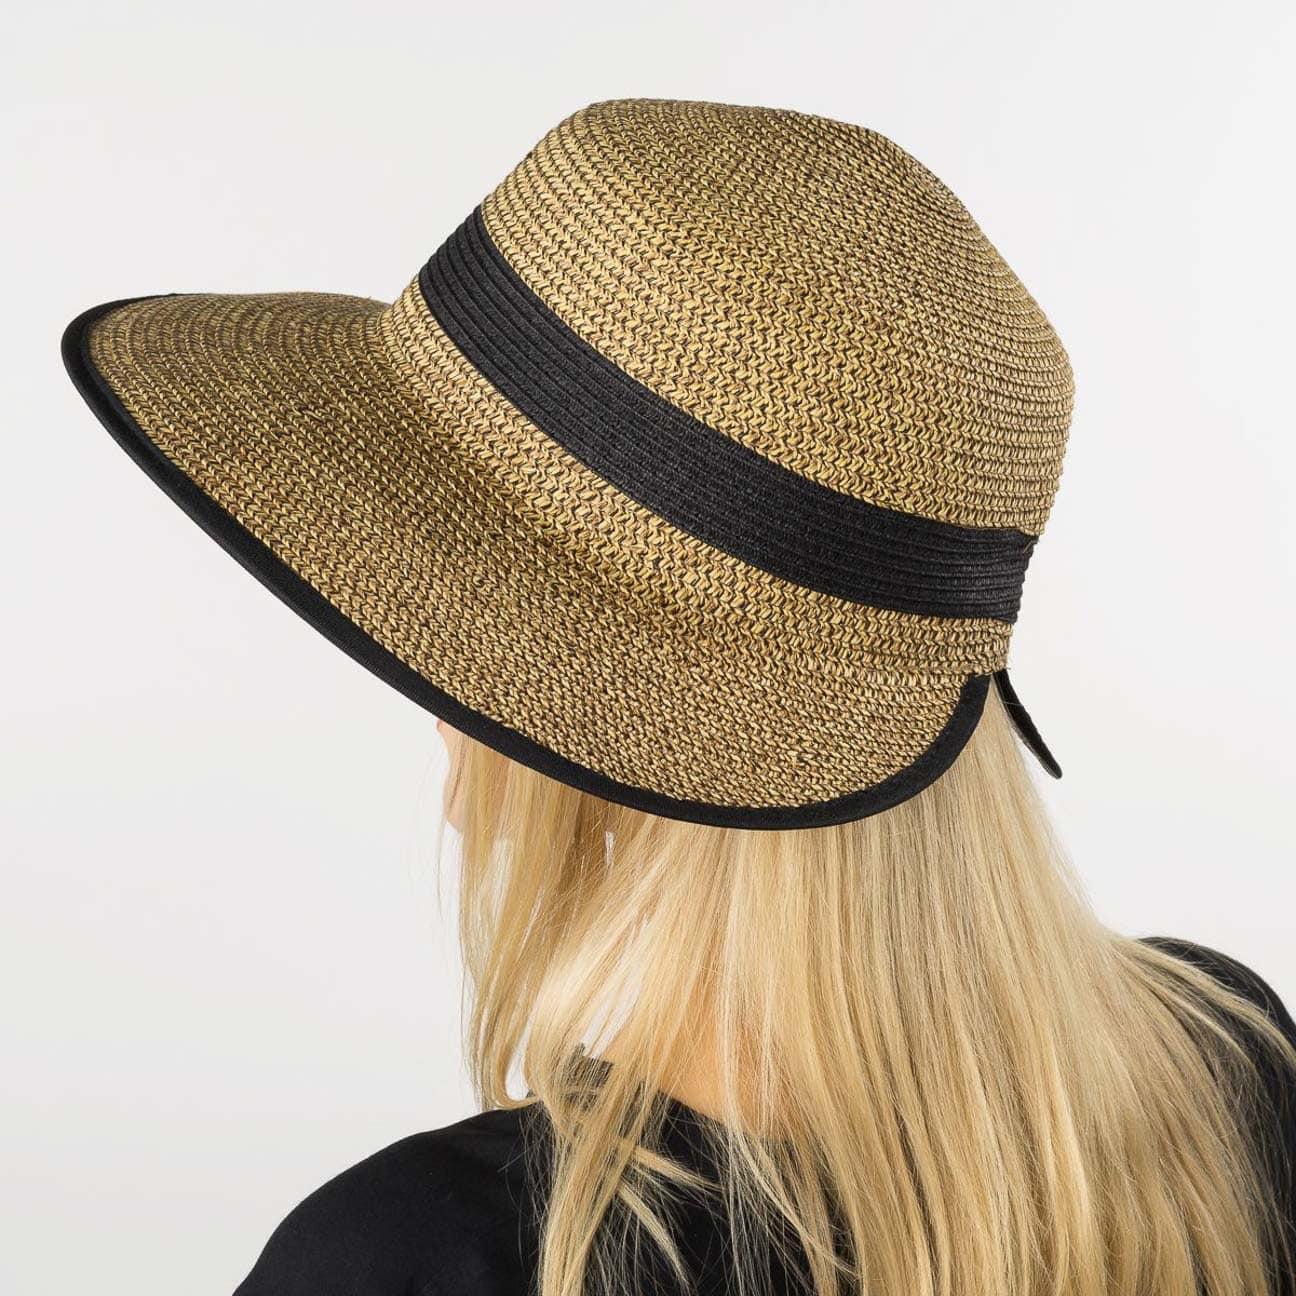 Sombrero Paja con Visera by Seeberger - Sombreros - sombreroshop.es 379cc190445